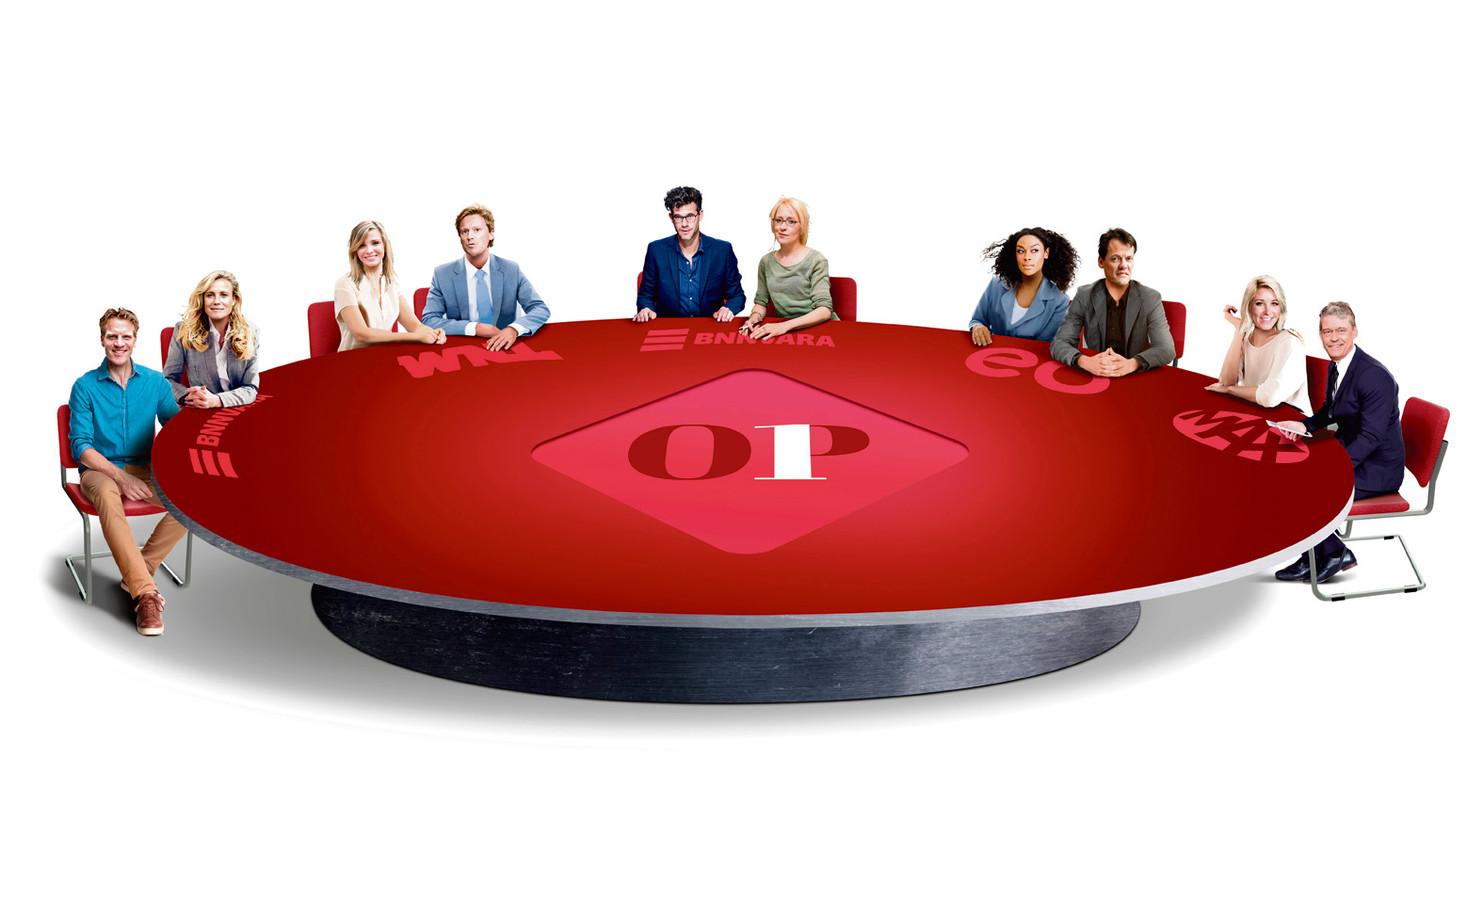 Dit zijn de vijf duo's die het in de dagelijkse talkshow Op1 opnemen tegen Jinek op RTL4.